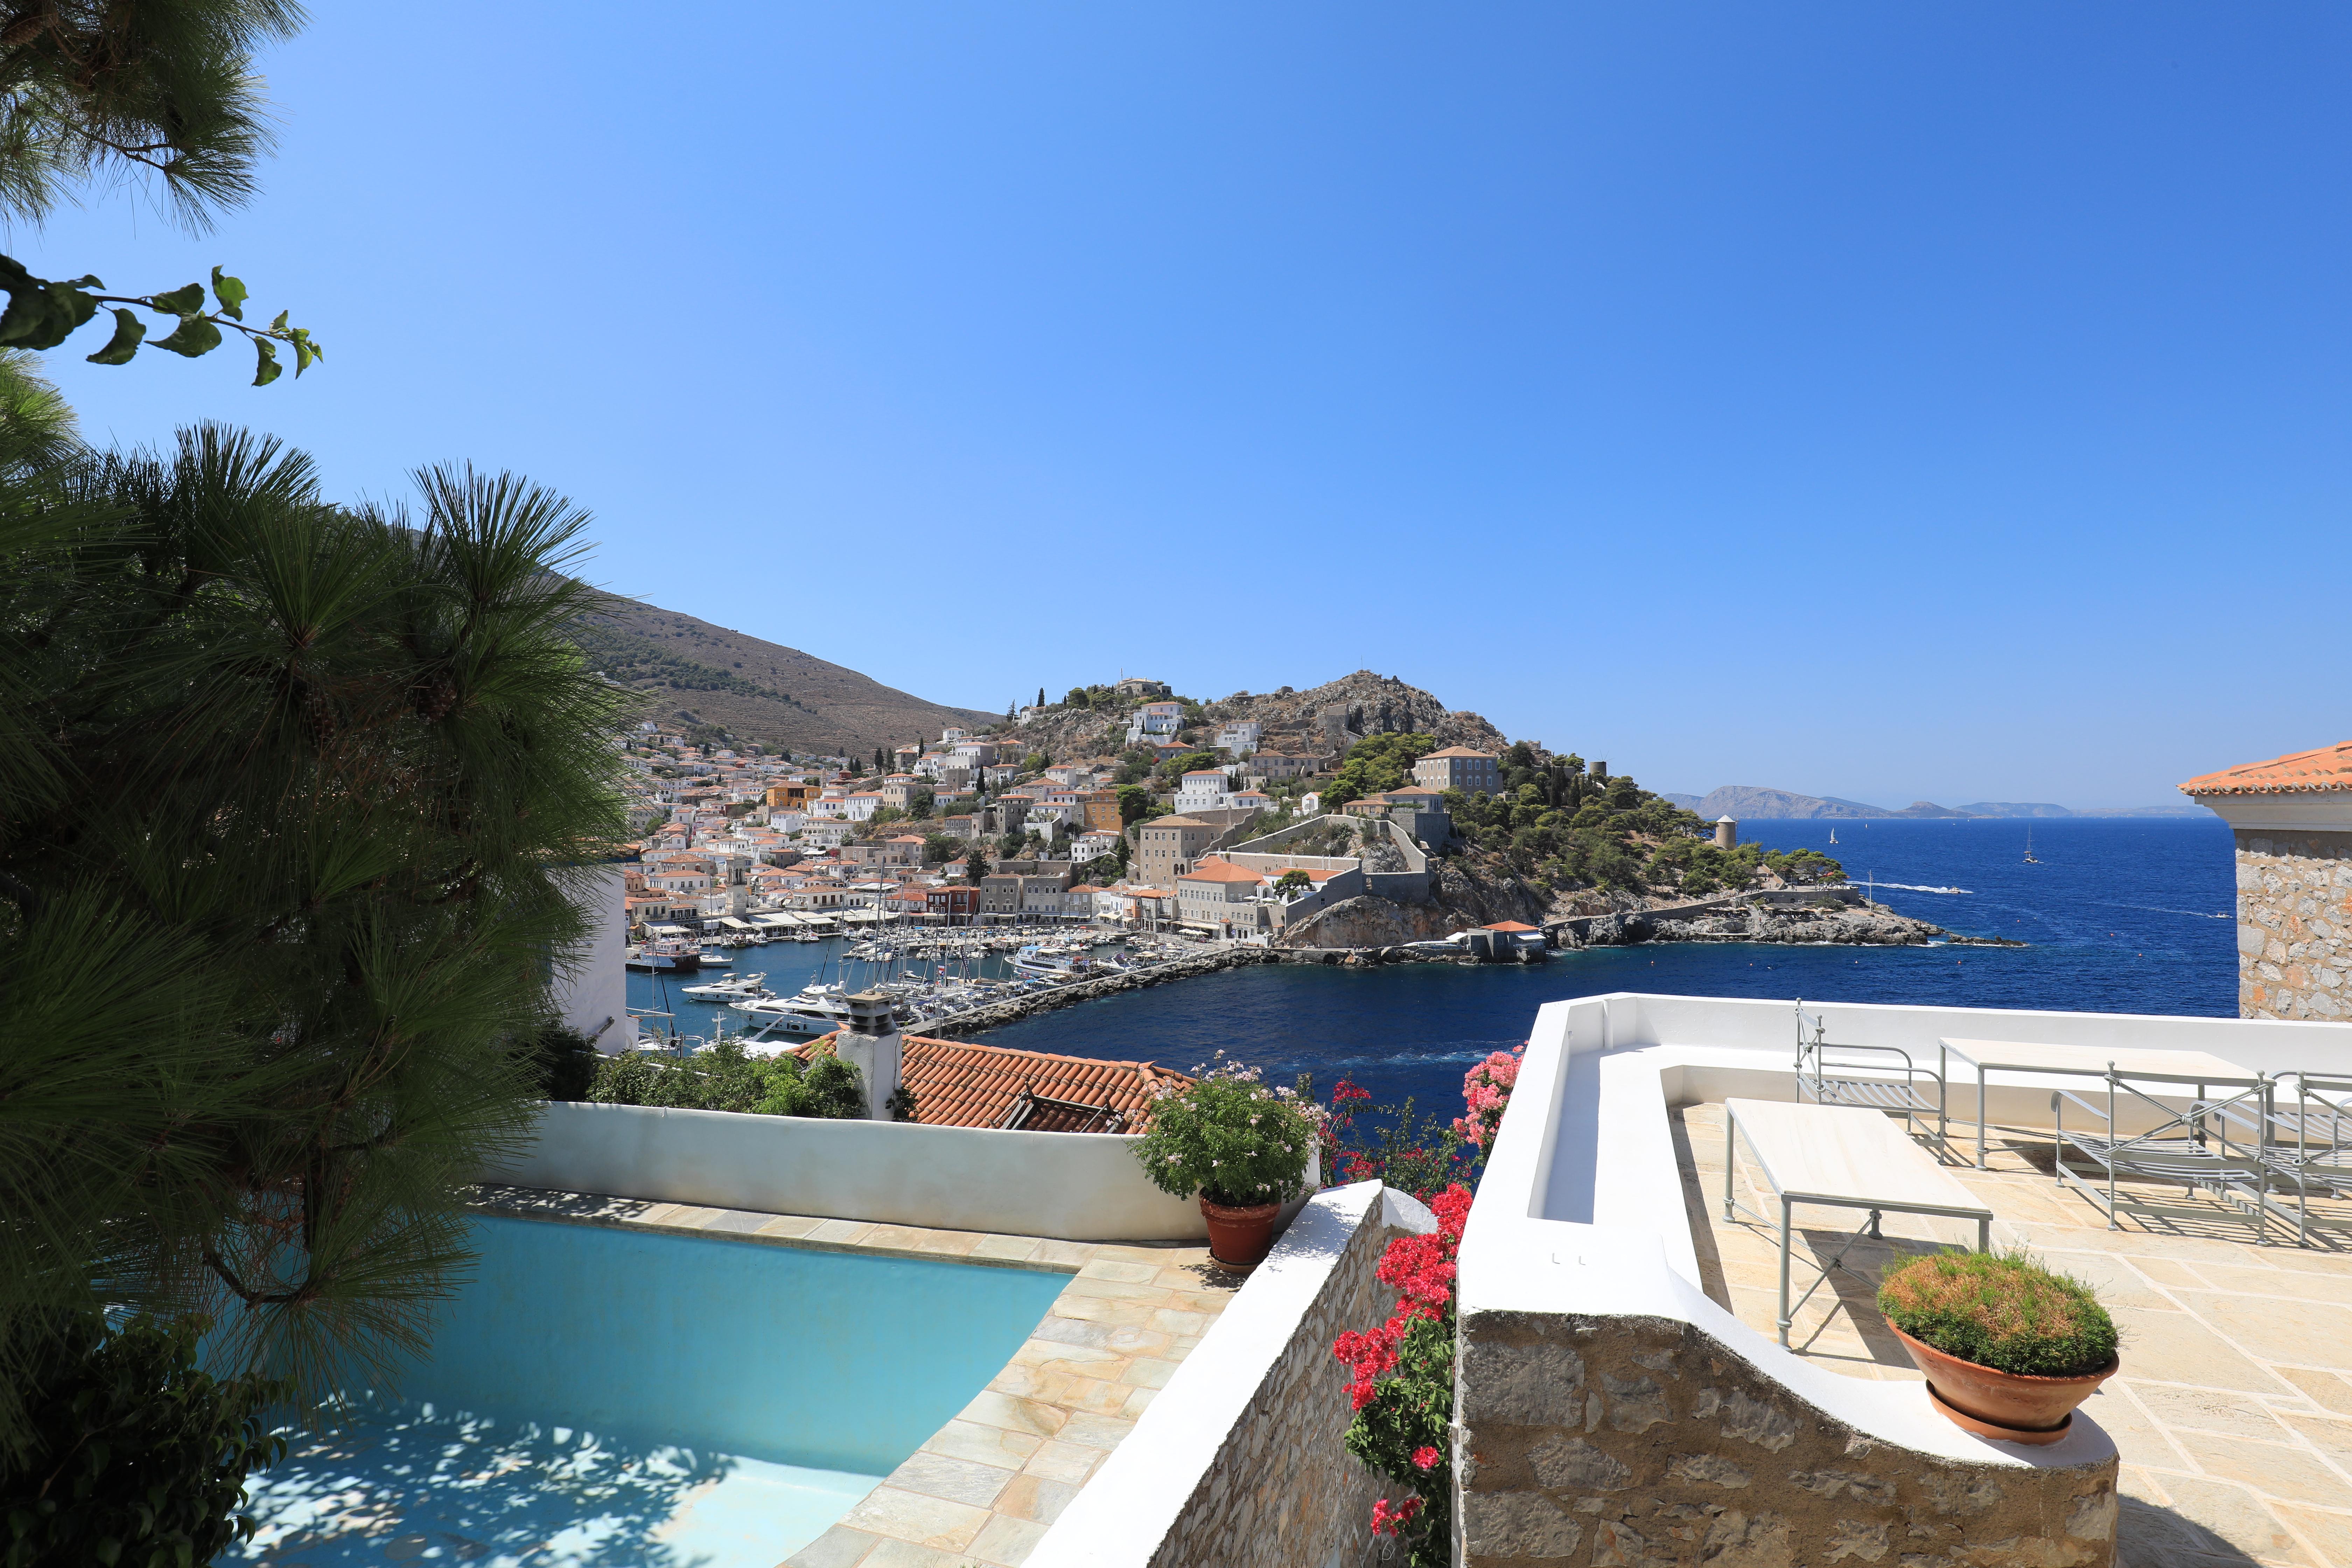 Widok z okien domów na port w Hydrze